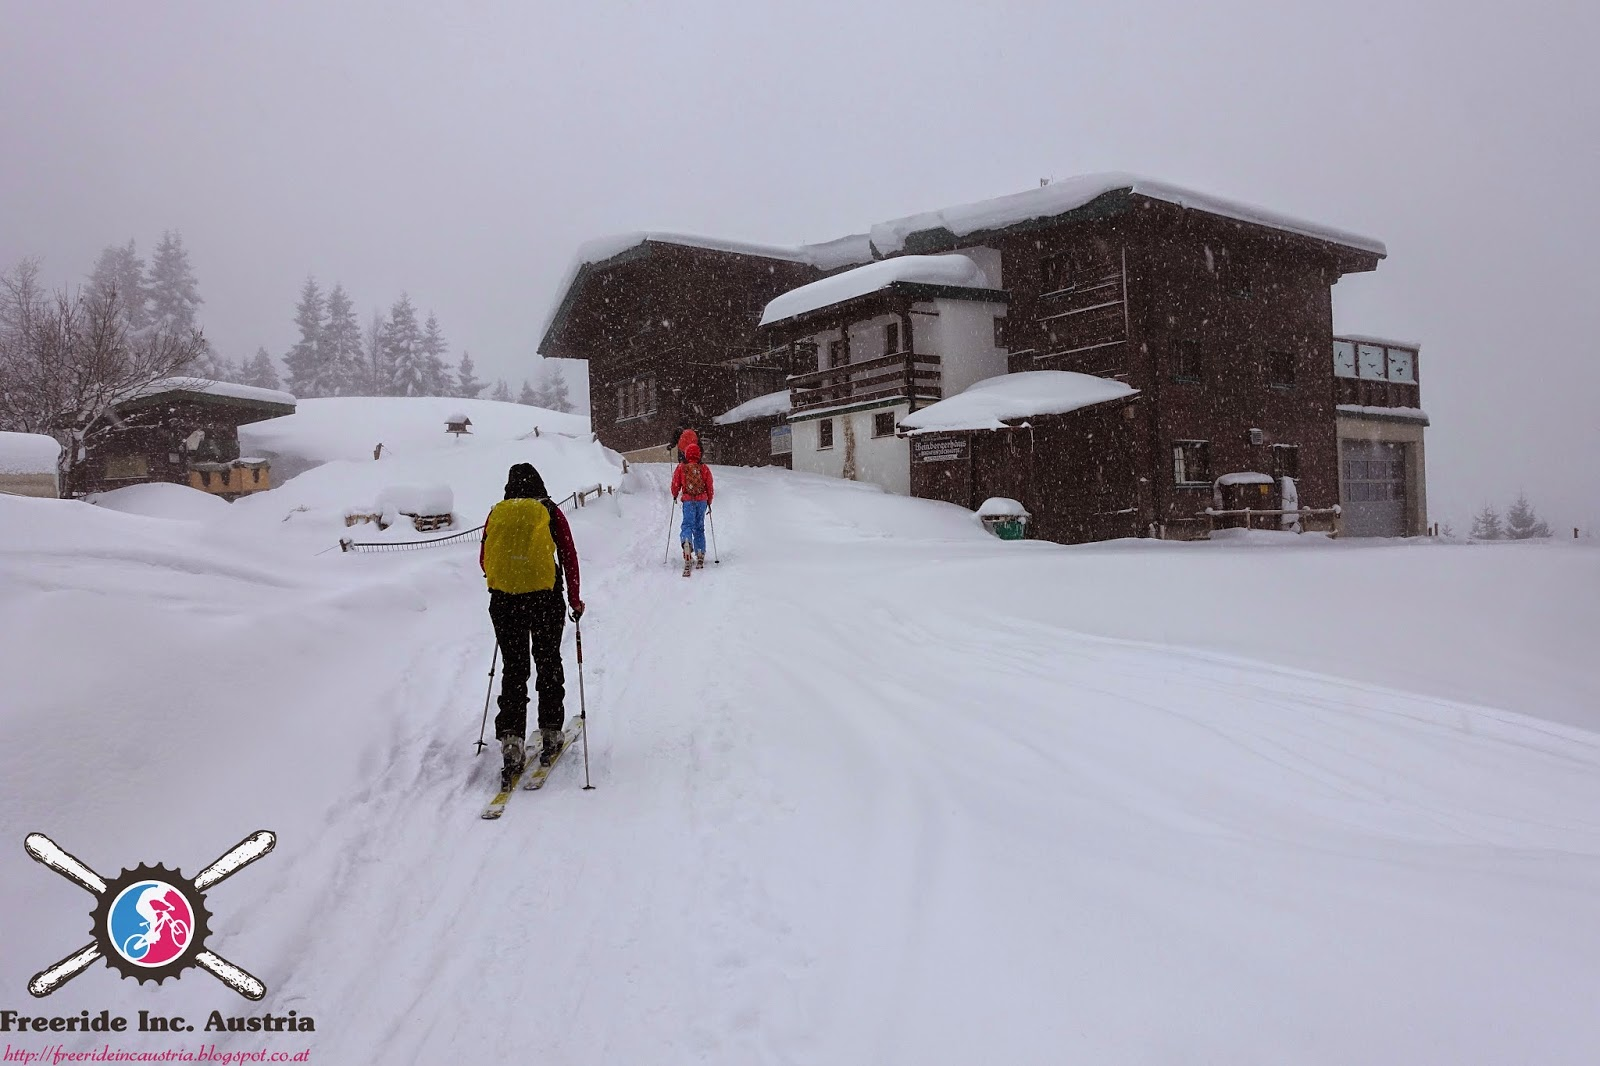 Kufstein empfehlenswerte Skitouren